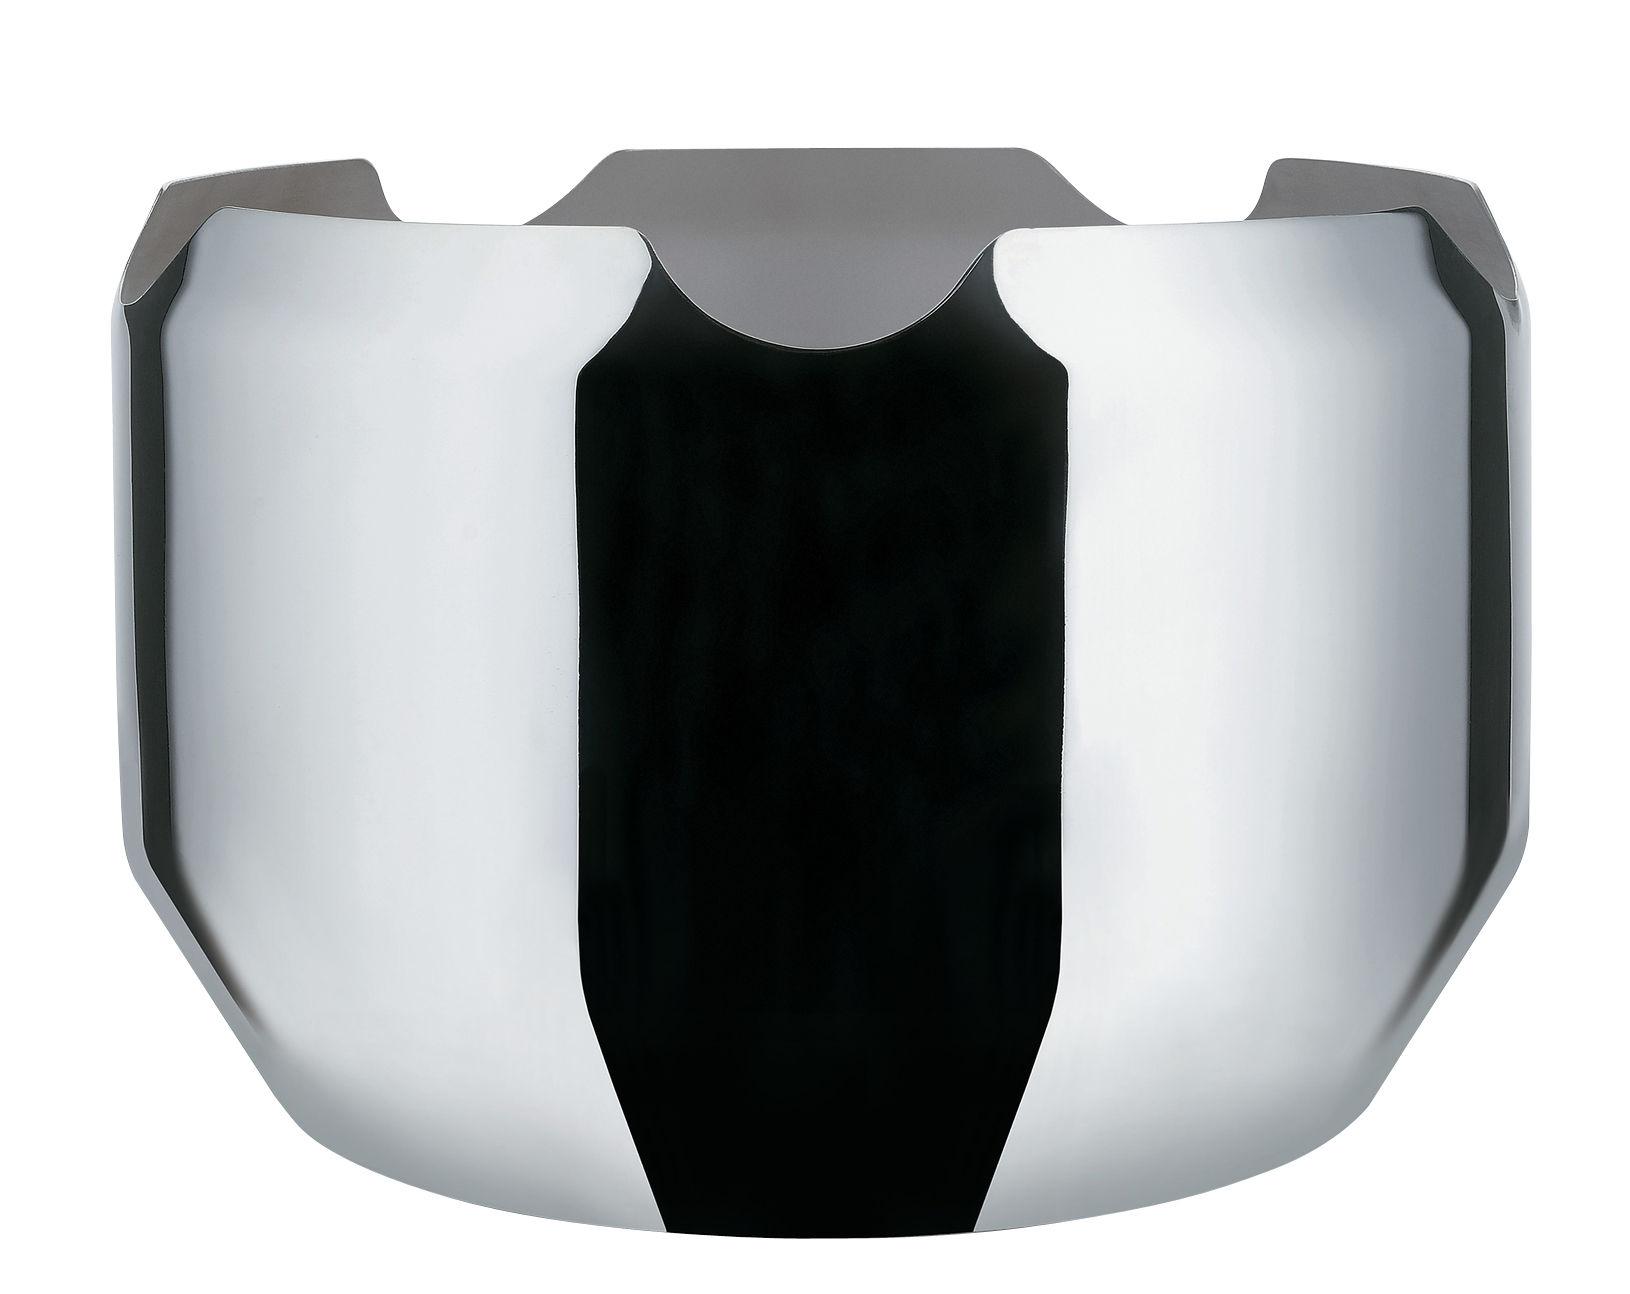 Tavola - Bar, Vino, Aperitivo - Secchiello da champagne Noé / 5 bottiglie - Alessi - Acciaio lucidato a specchio - Acier inoxydable 18/10